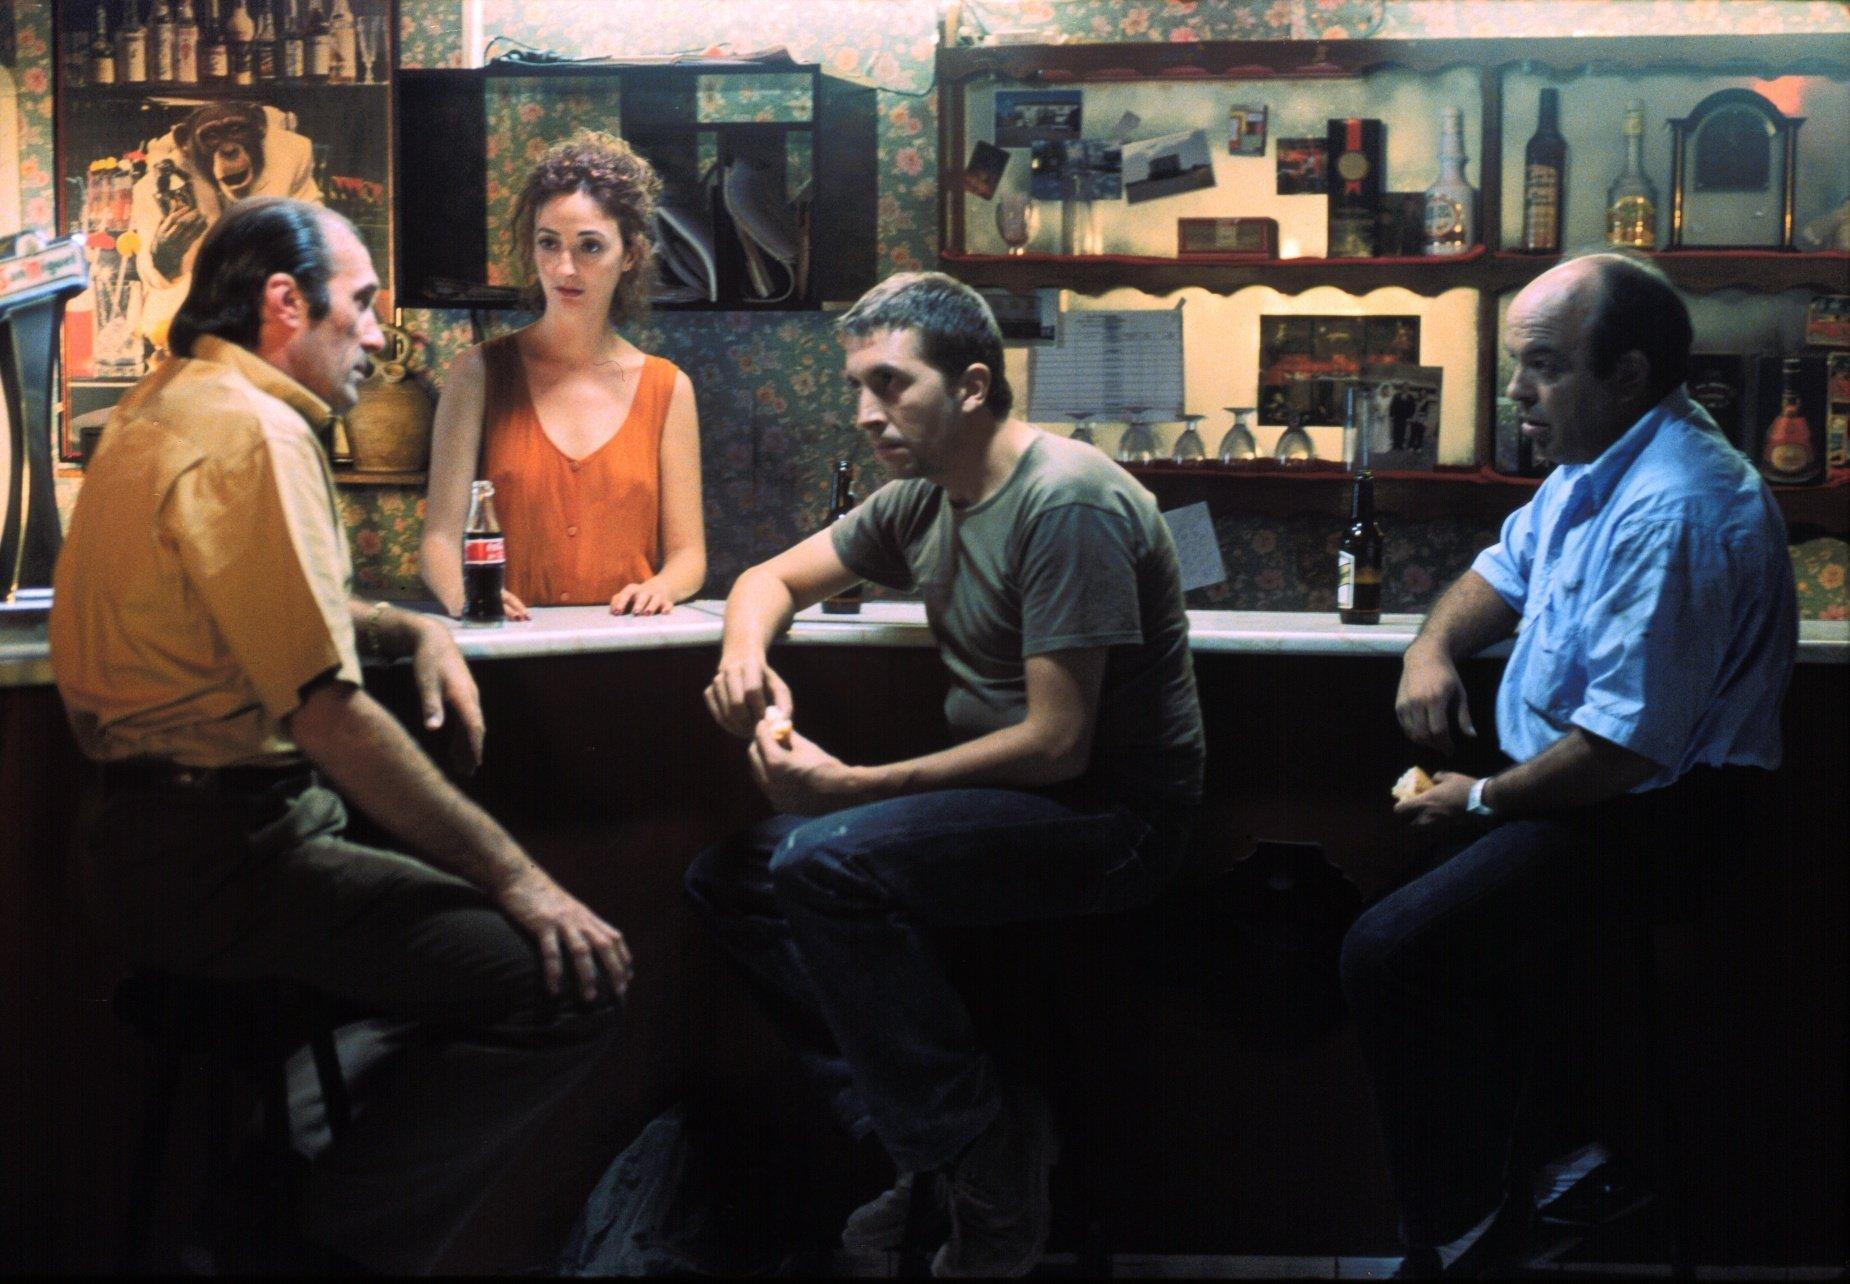 Felipe García Vélez, Vicente Gil, and Inma Ochoa in Nos hacemos falta (Tilt) (2001)